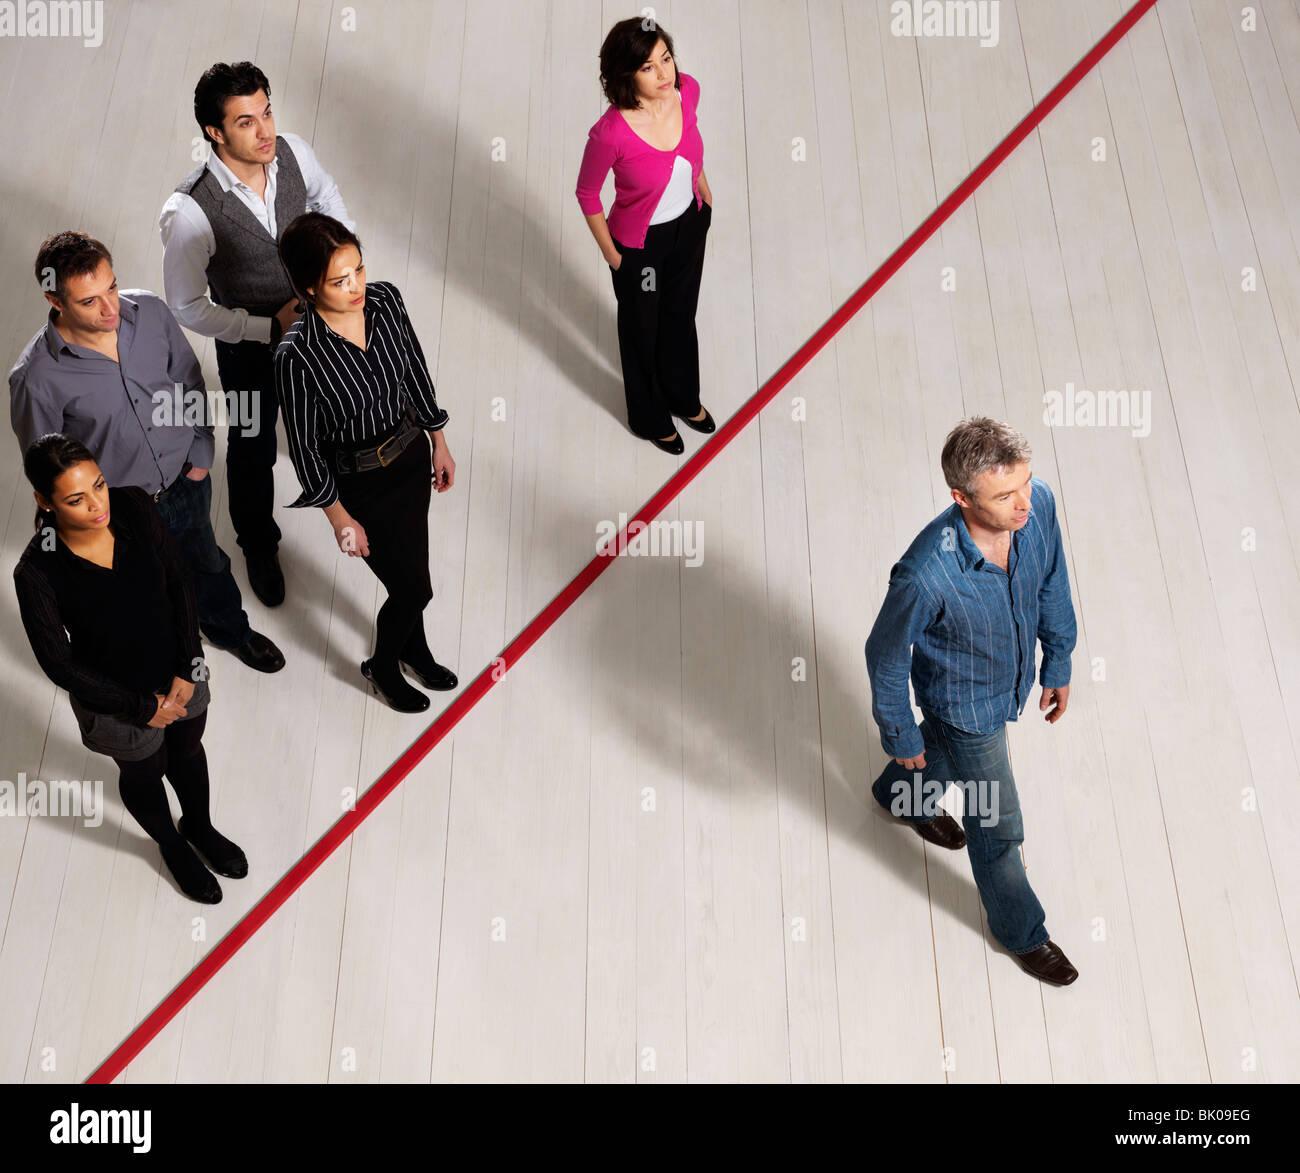 Les hommes et les femmes traversant la ligne rouge Photo Stock